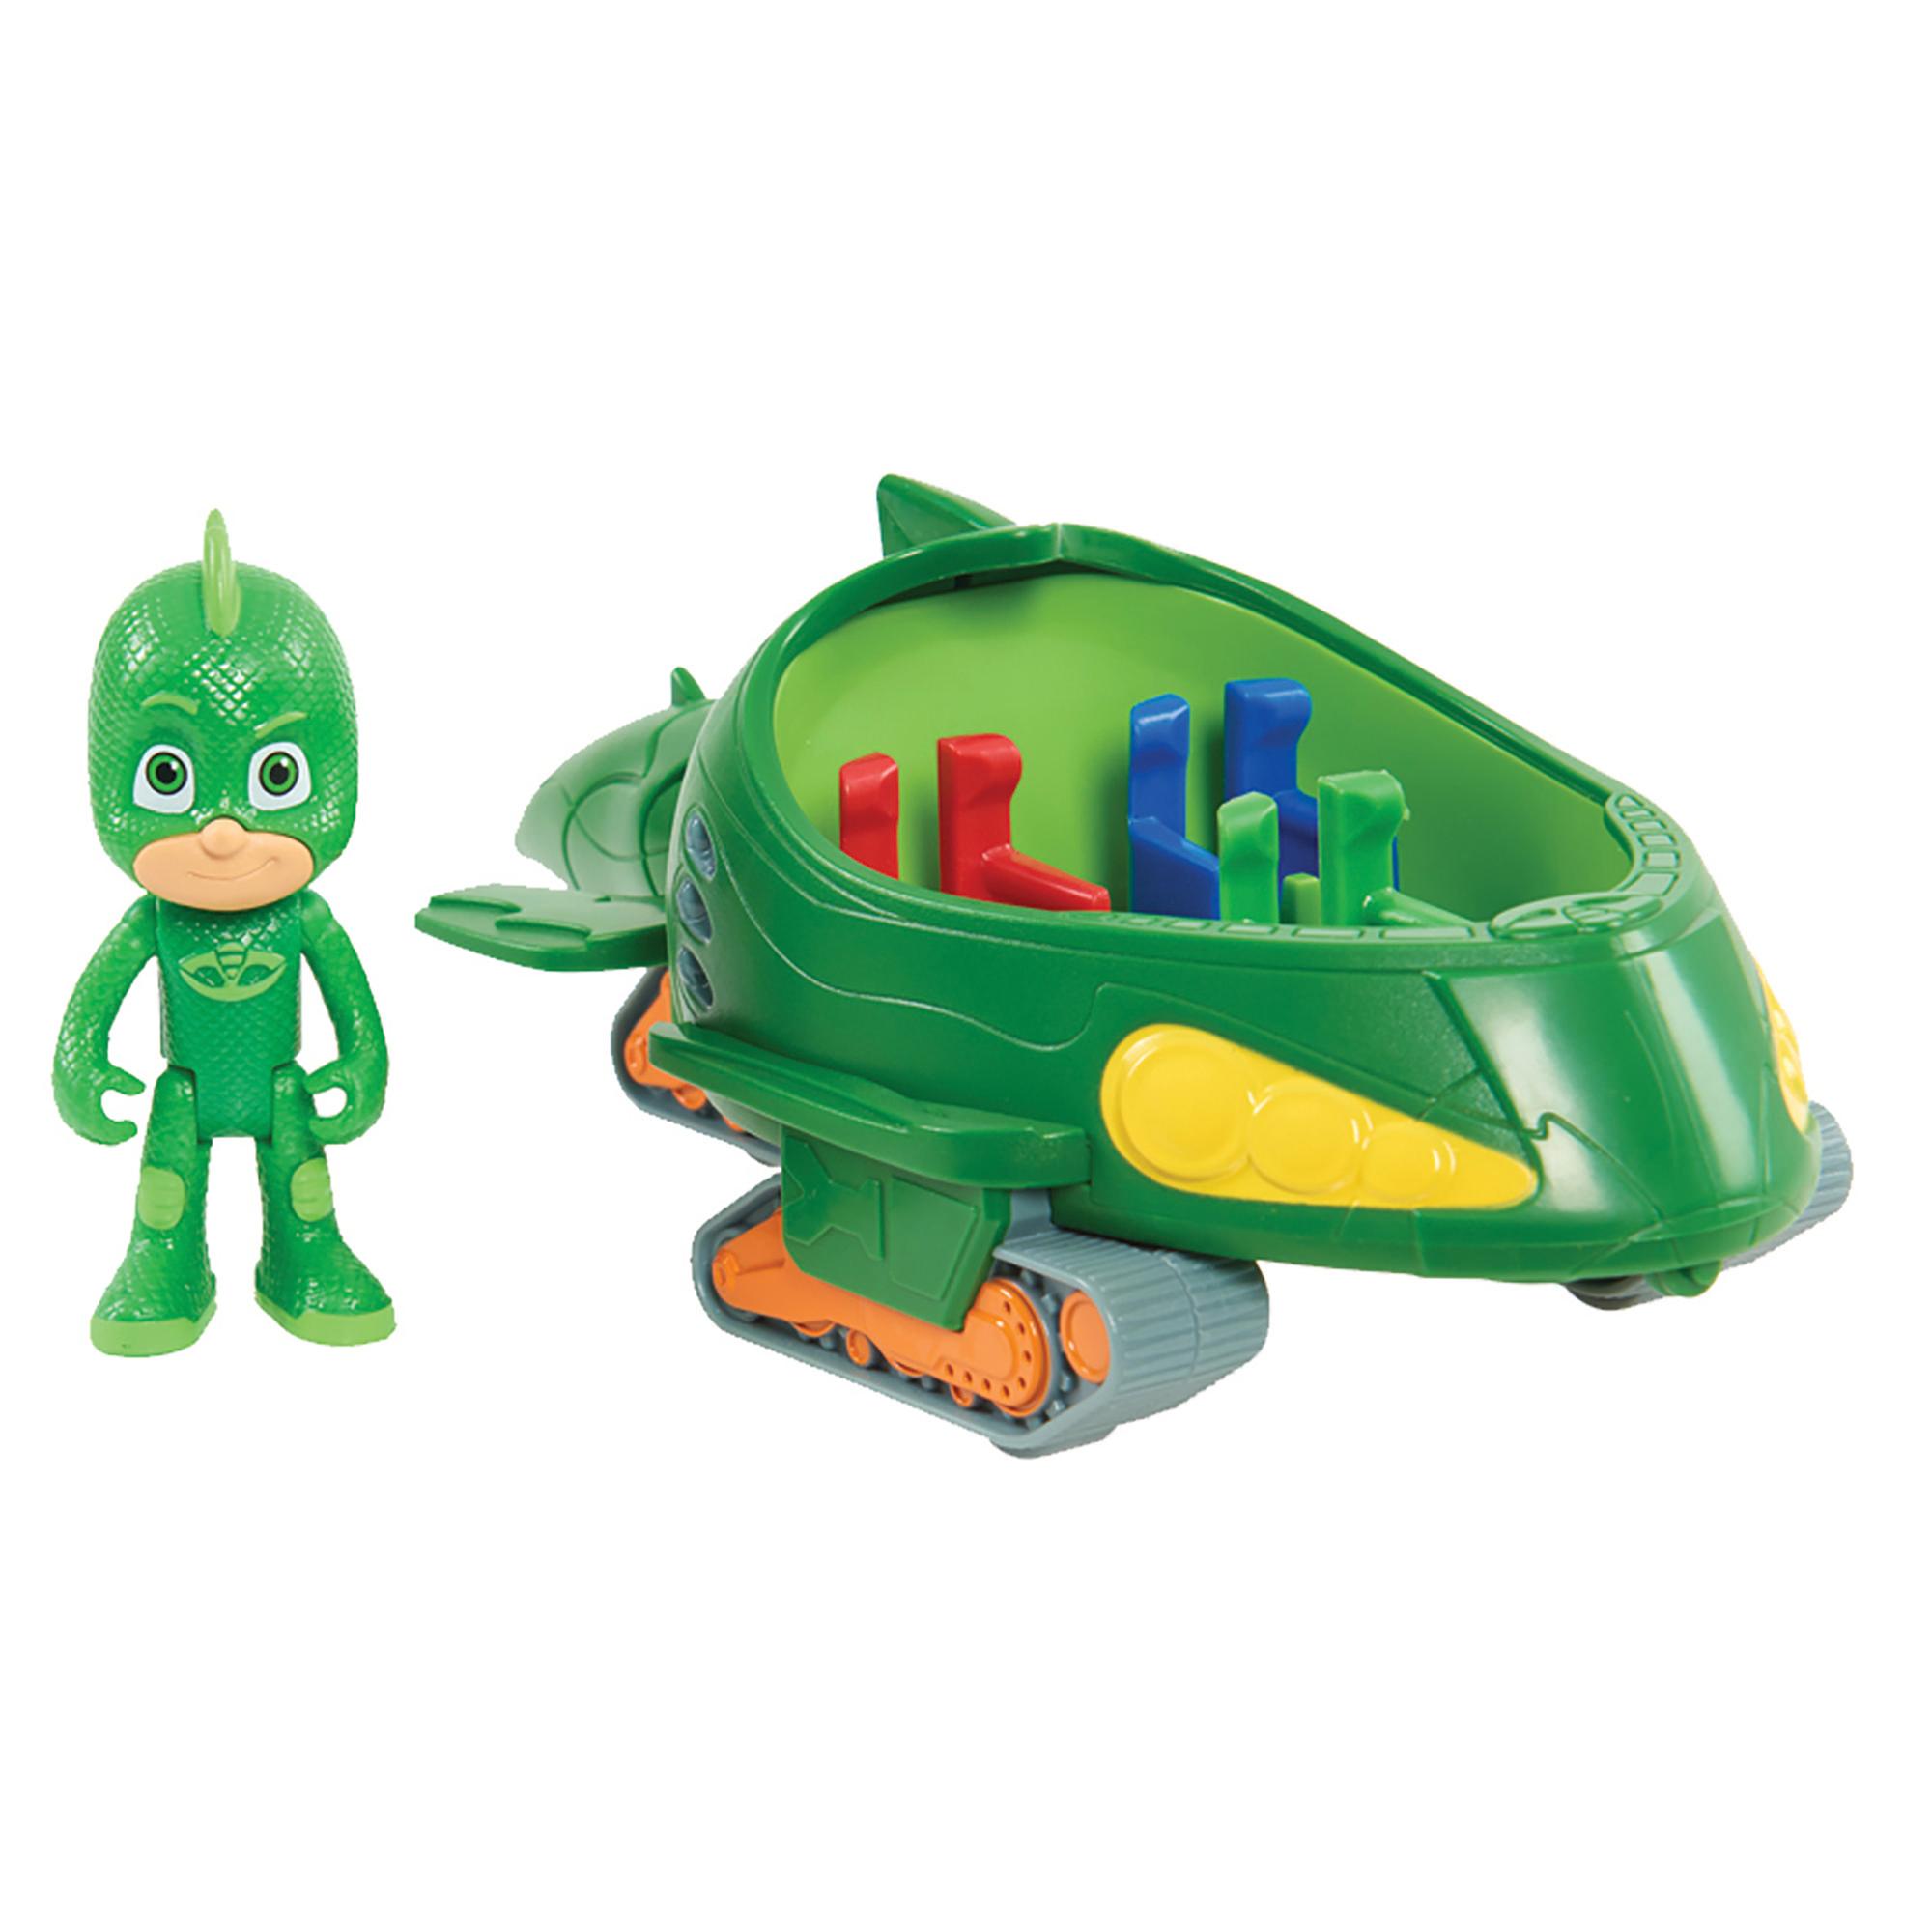 PJ Masks Vehicle & Figure - Gekko Mobile